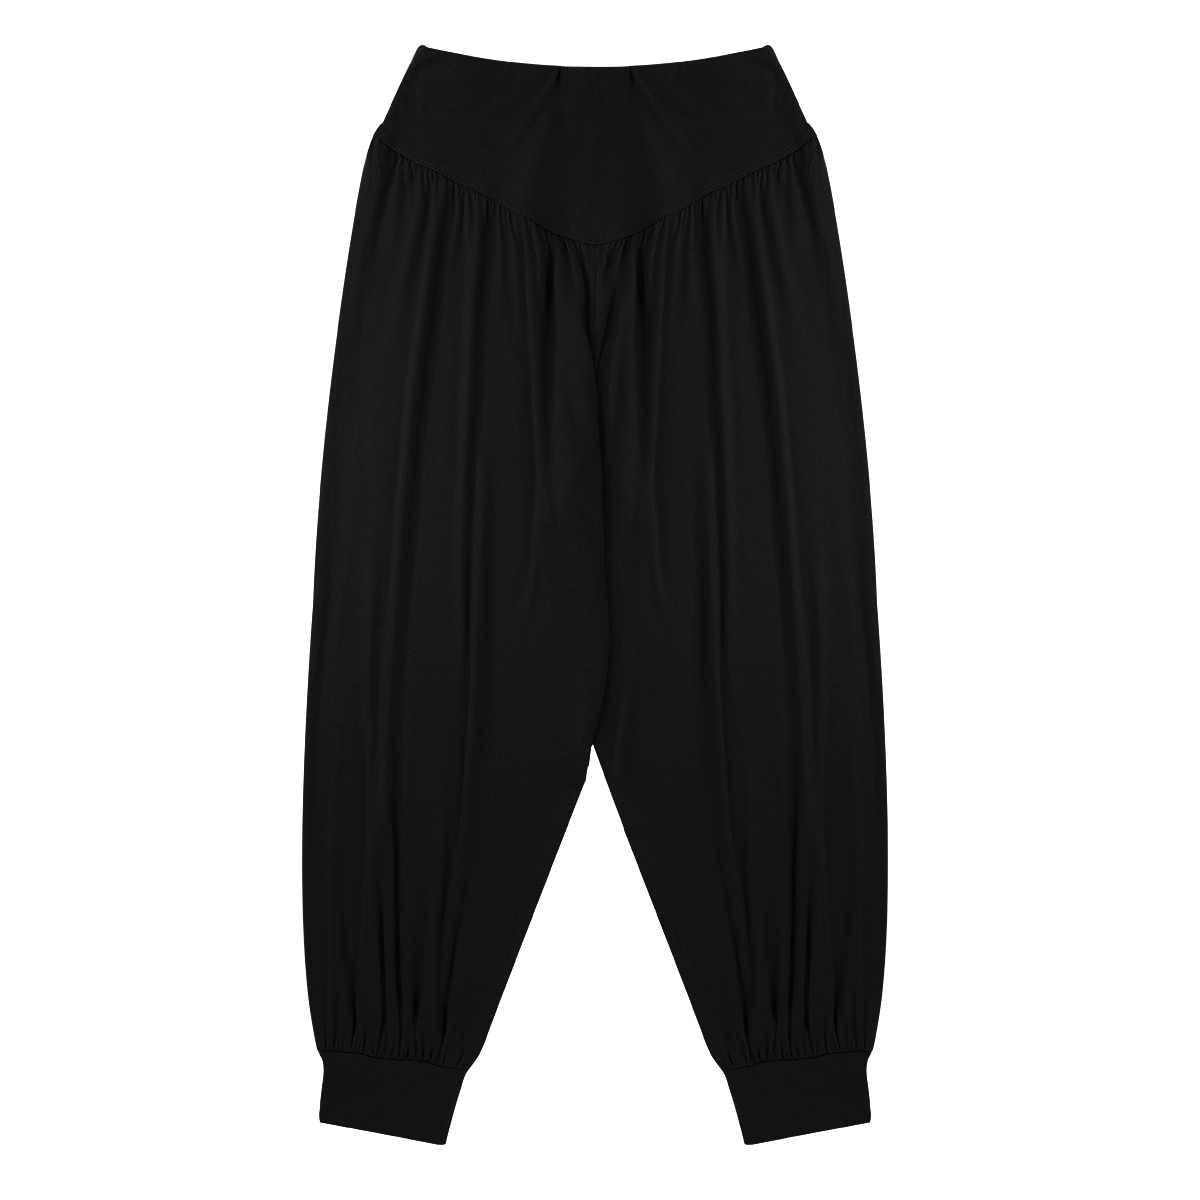 TiaoBug mujeres Super suave cintura alta elástico cintura pierna ancha Casual suelta deportes calle baile Harem pantalones Jazz danza traje